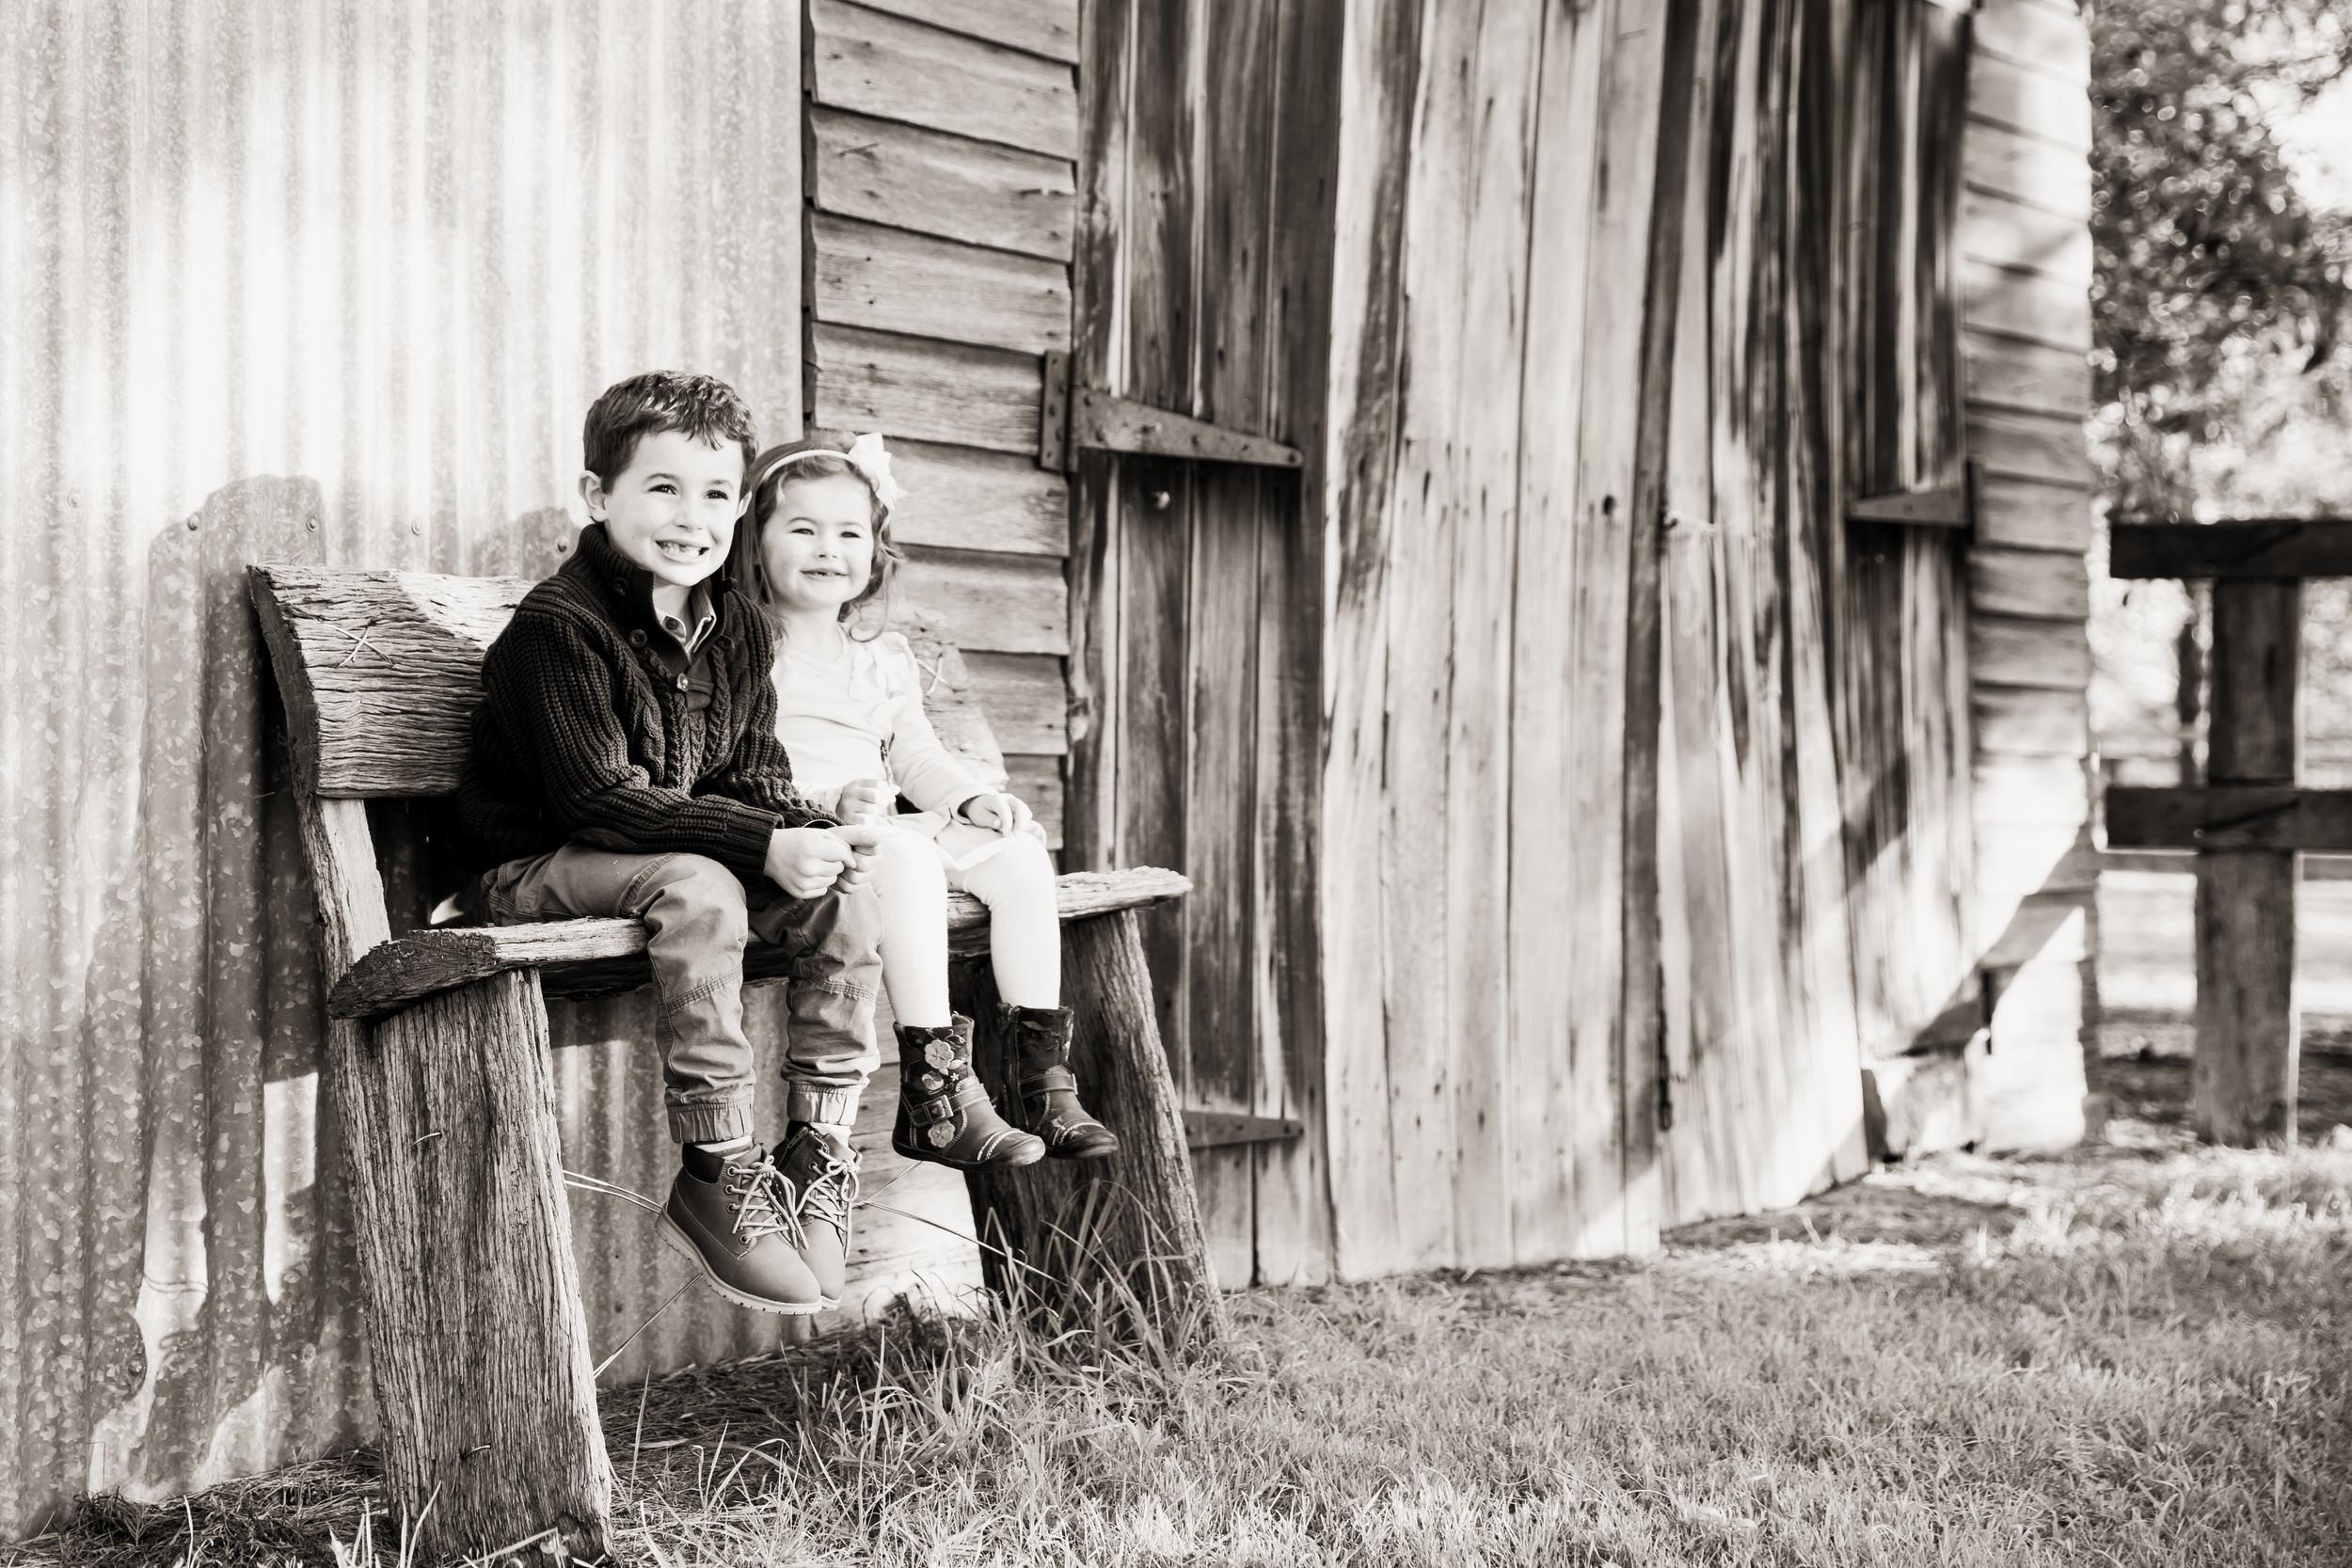 FamilyPhotos2017-015.jpg